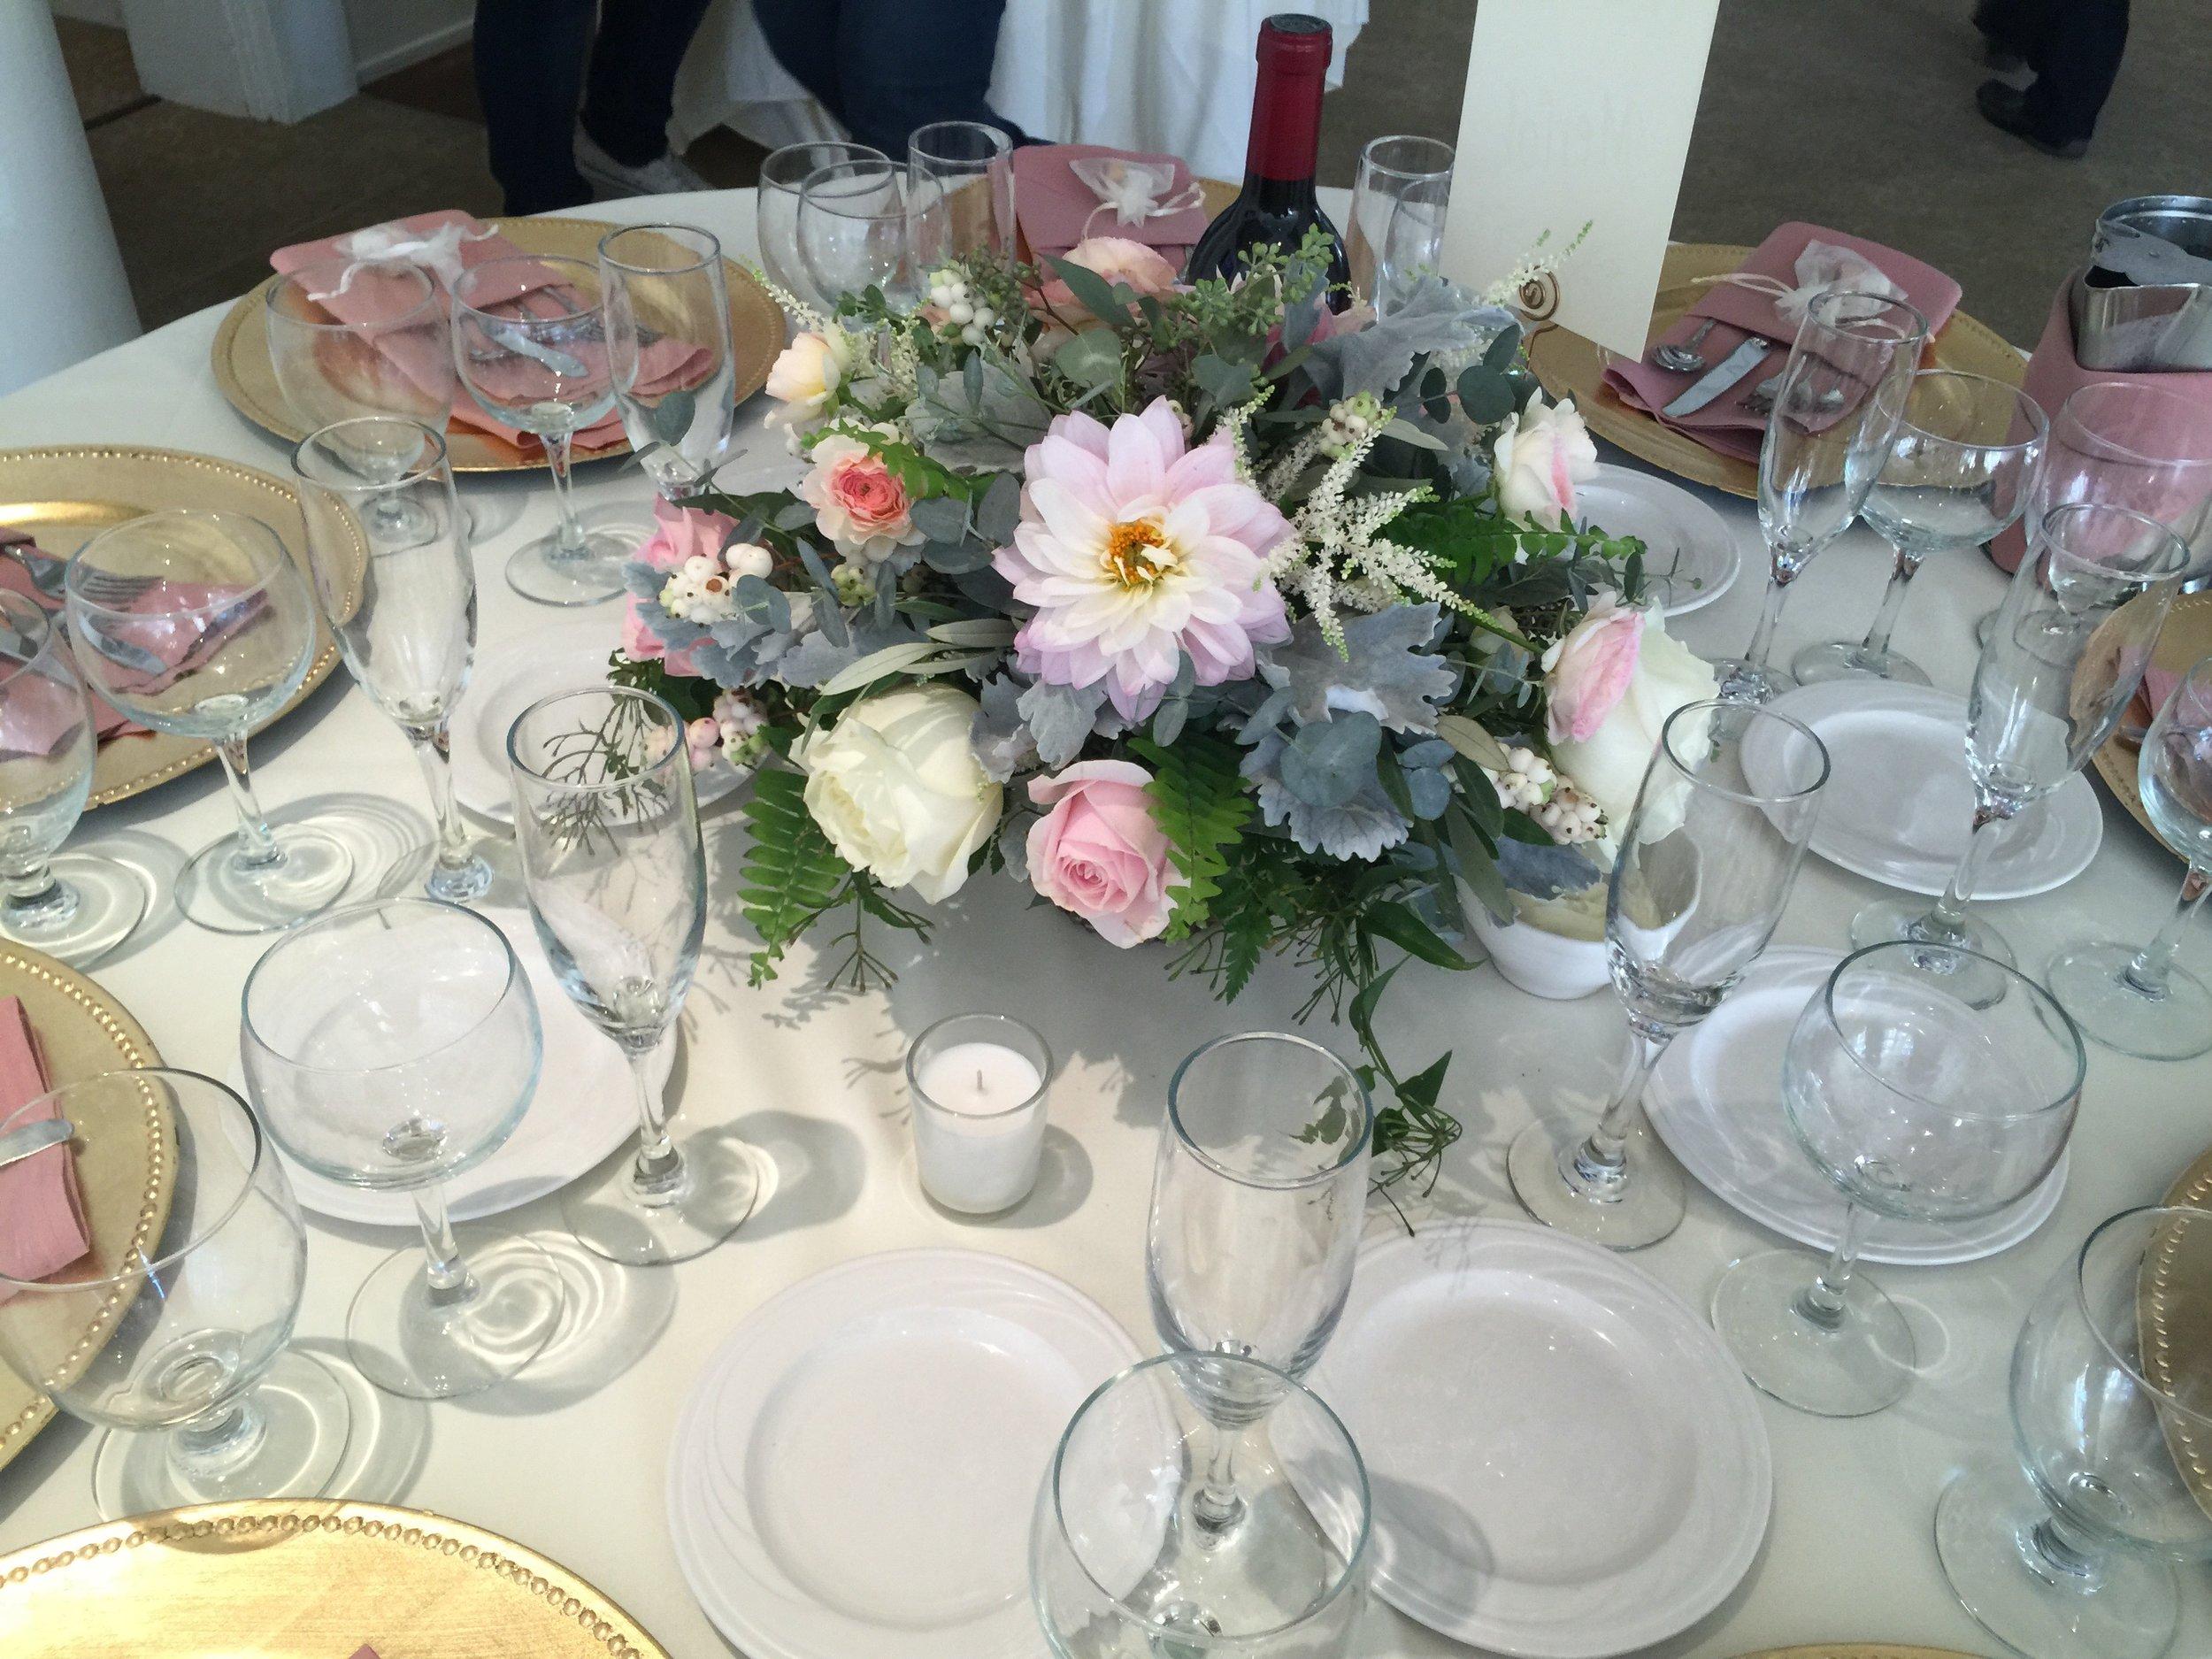 Low_Centerpiece_Guest_Table_Dahlia_Greens_Vizcaya_Sacramento_Violette_Fleurs.jpg